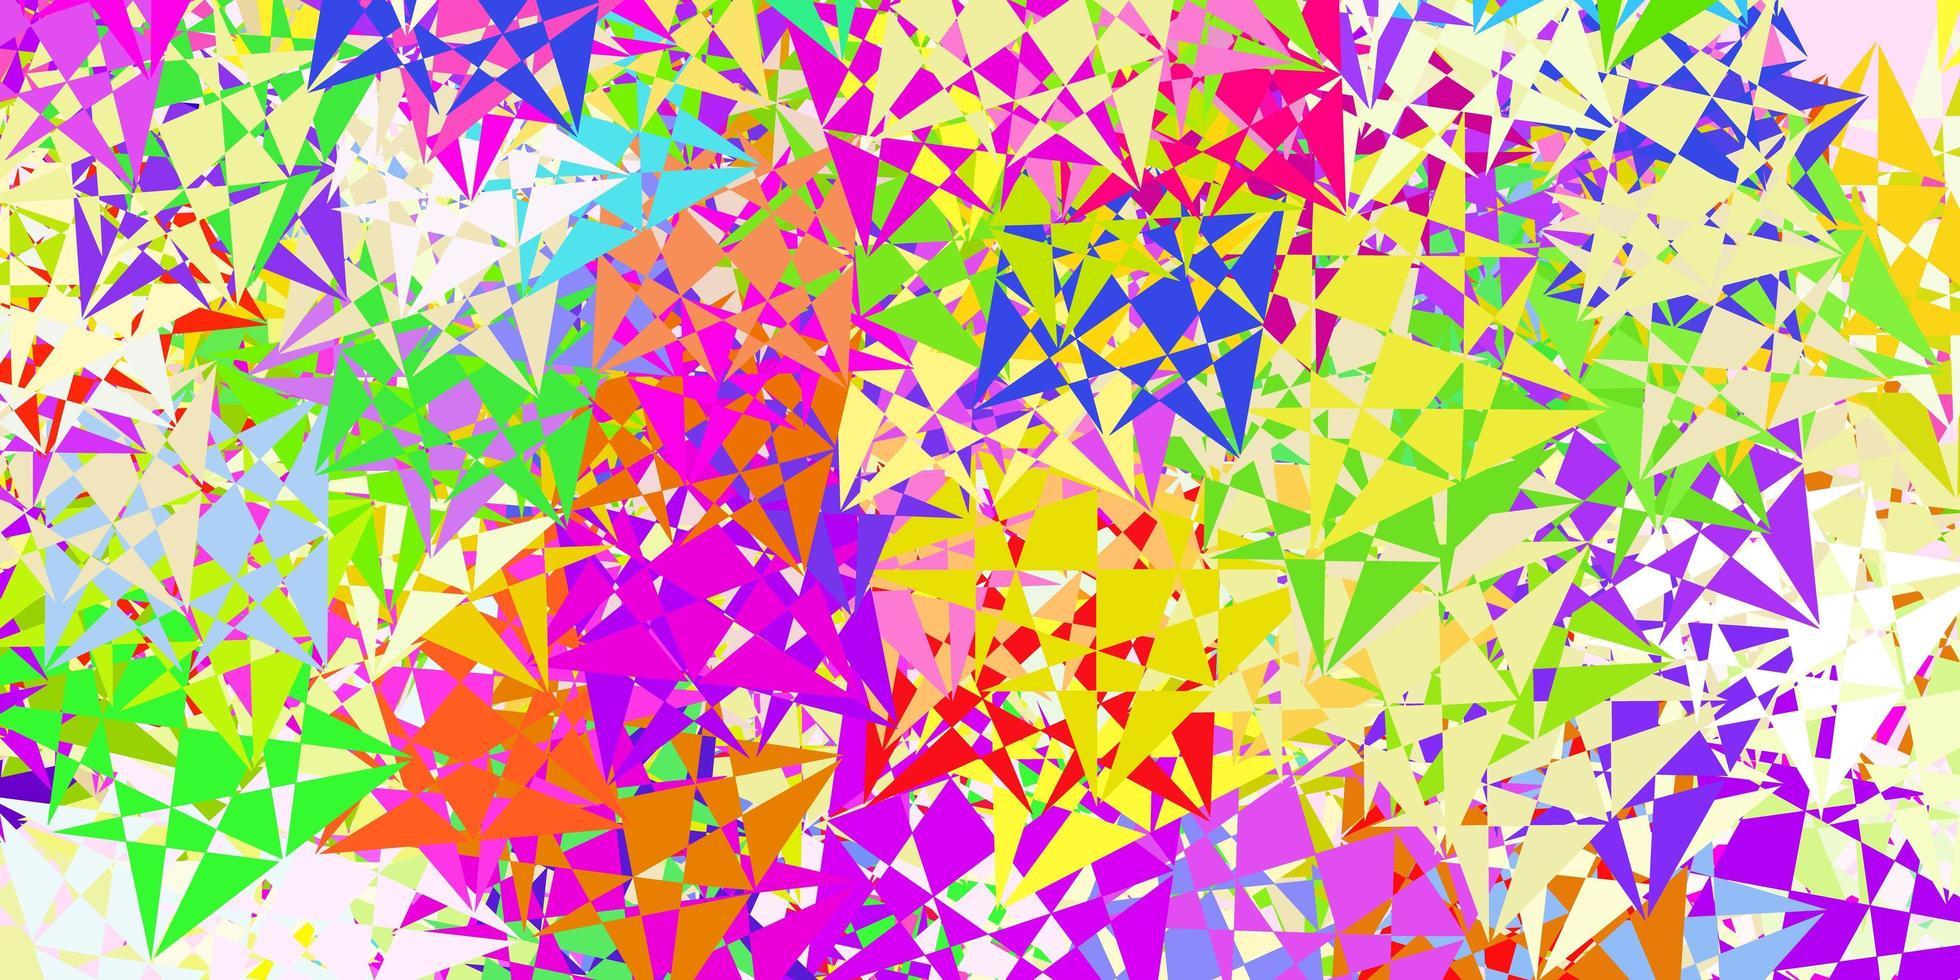 licht veelkleurige vectorlay-out met driehoeksvormen. vector